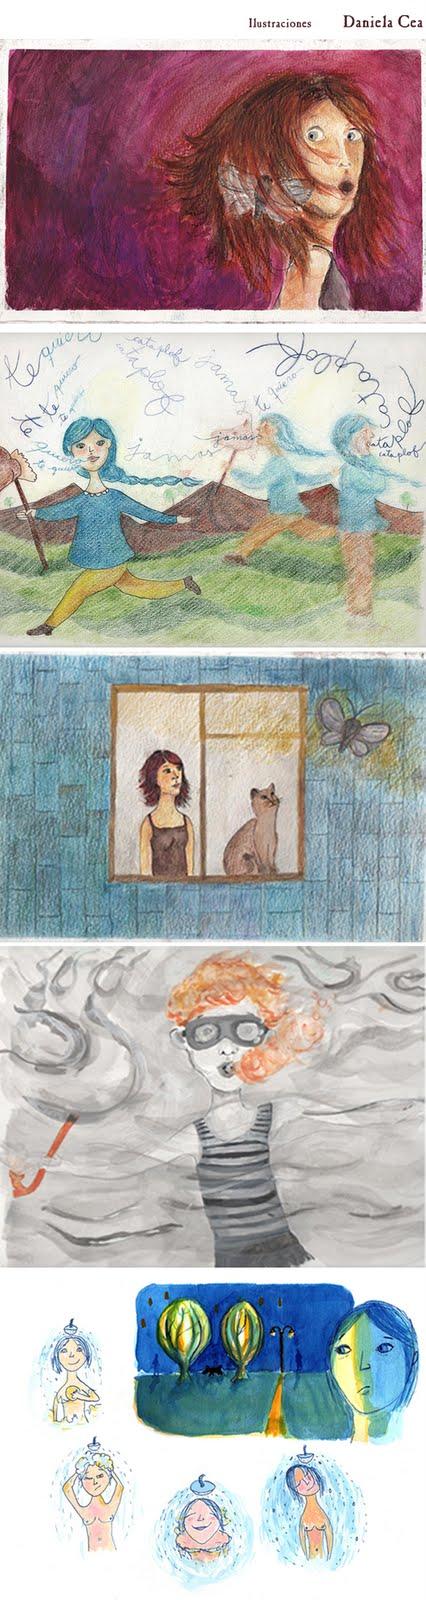 Ilustraciones de Daniela Cea, año 2011